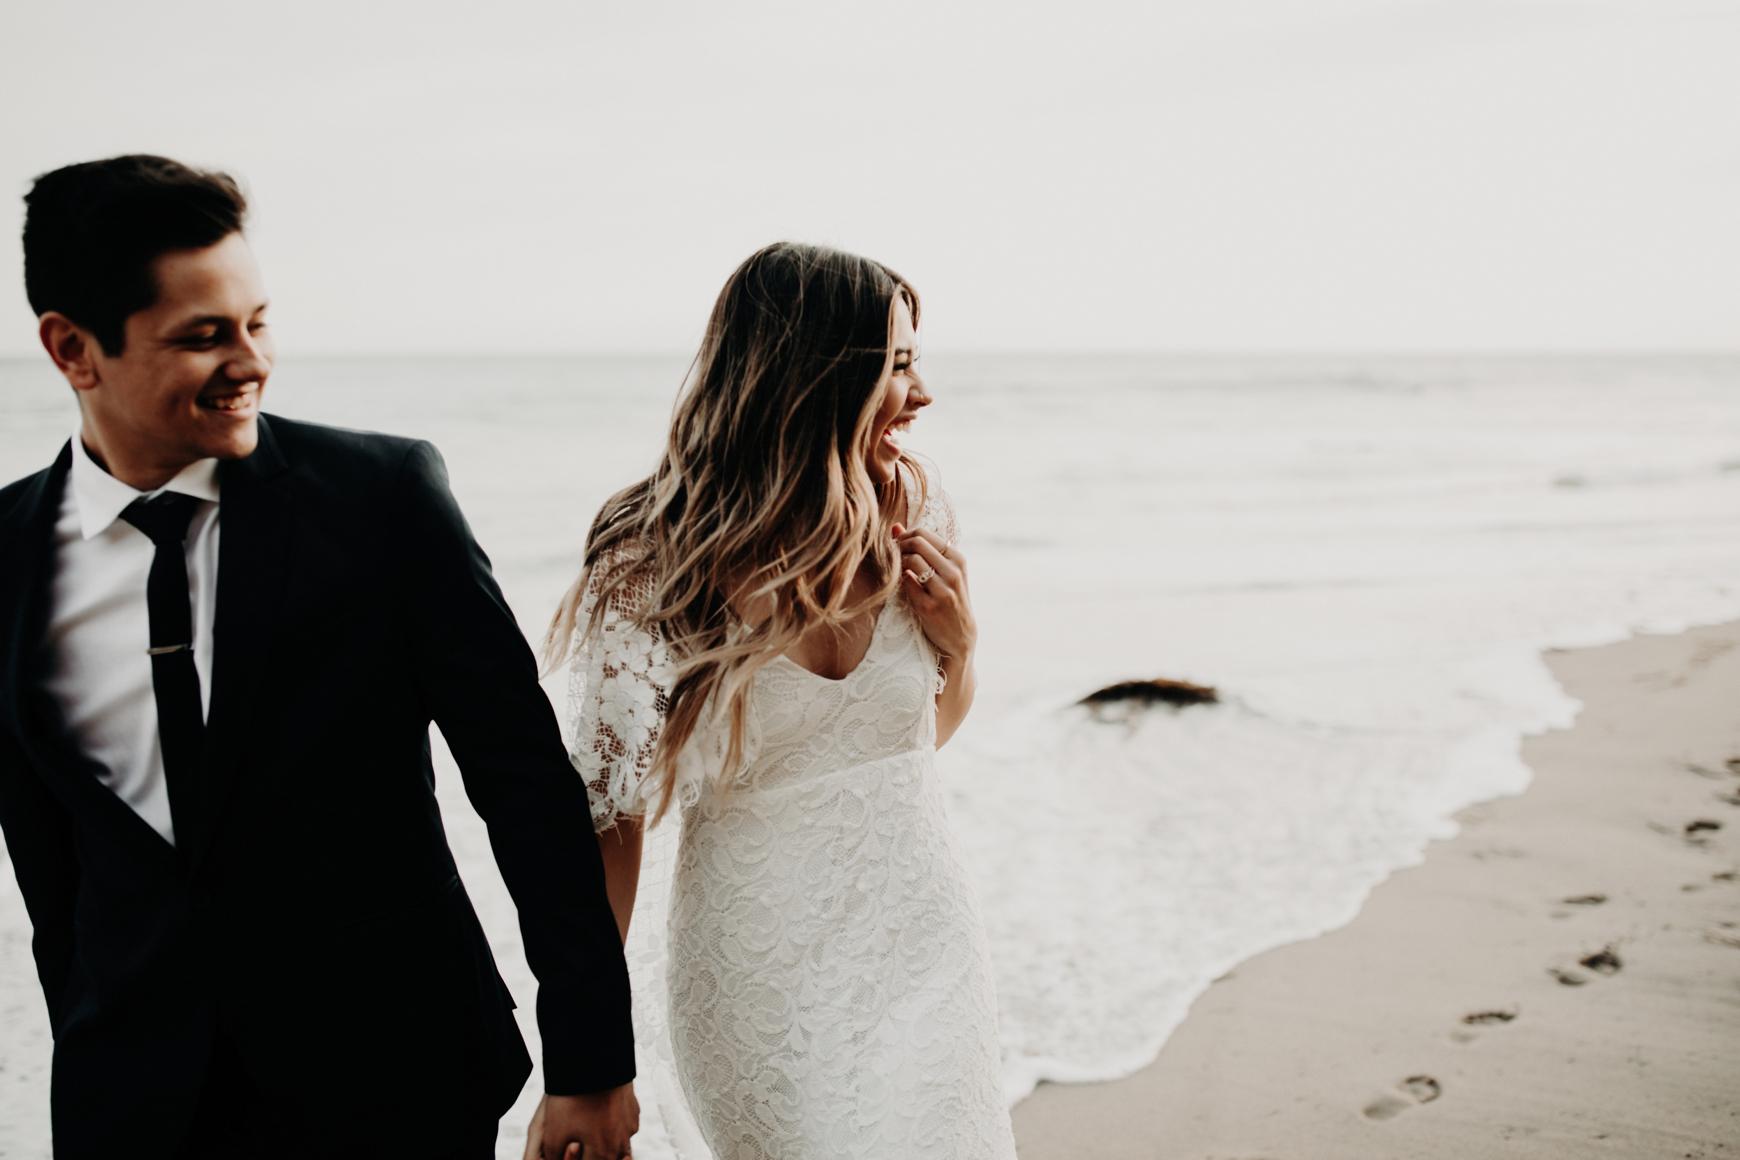 El Matador Beach Bridal Portraits Justellen & TJ Emily Magers Photography-254Emily Magers Photography.jpg